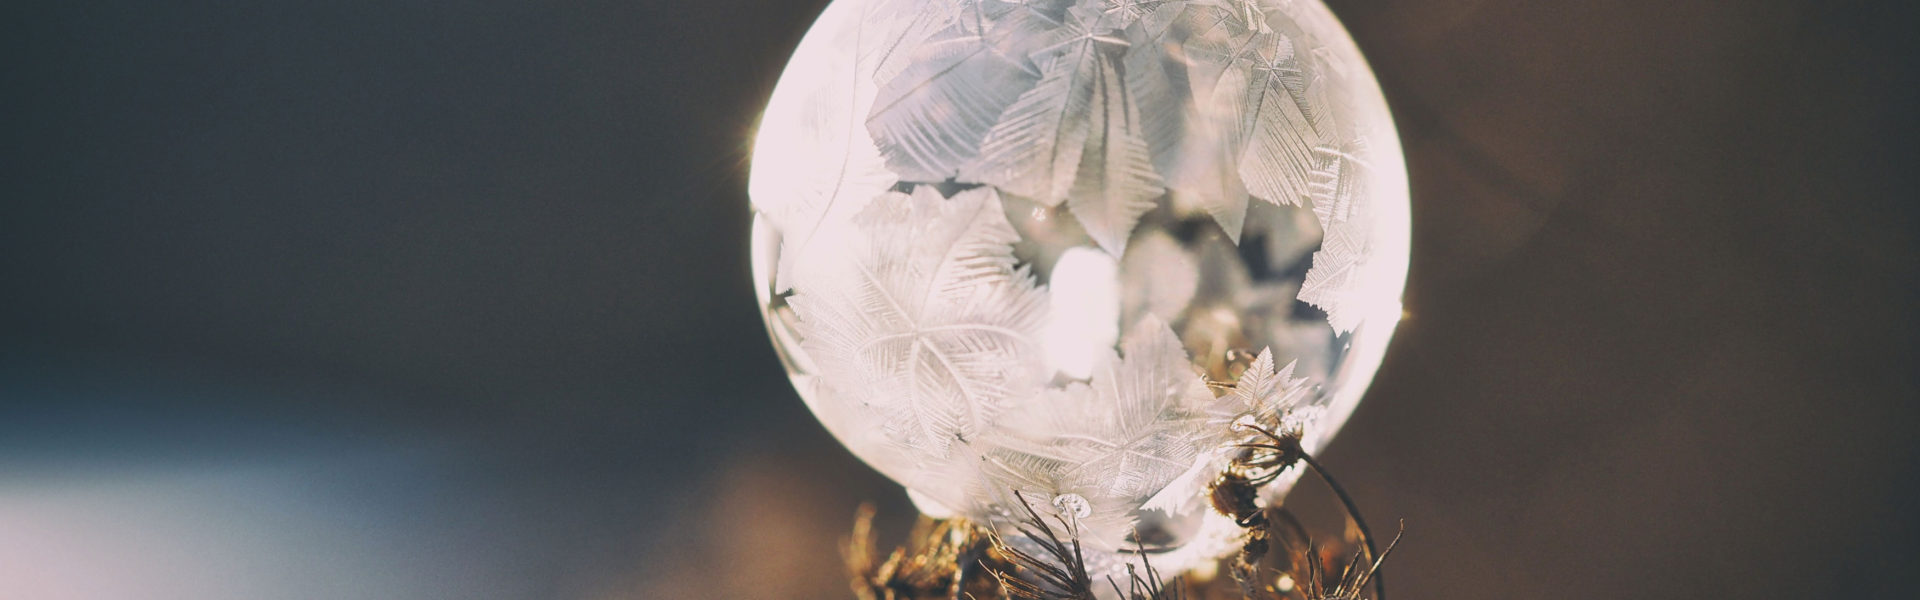 Rosa Polar - La Belleza que vino del frio - Alice-in-Beautyland - Frozen